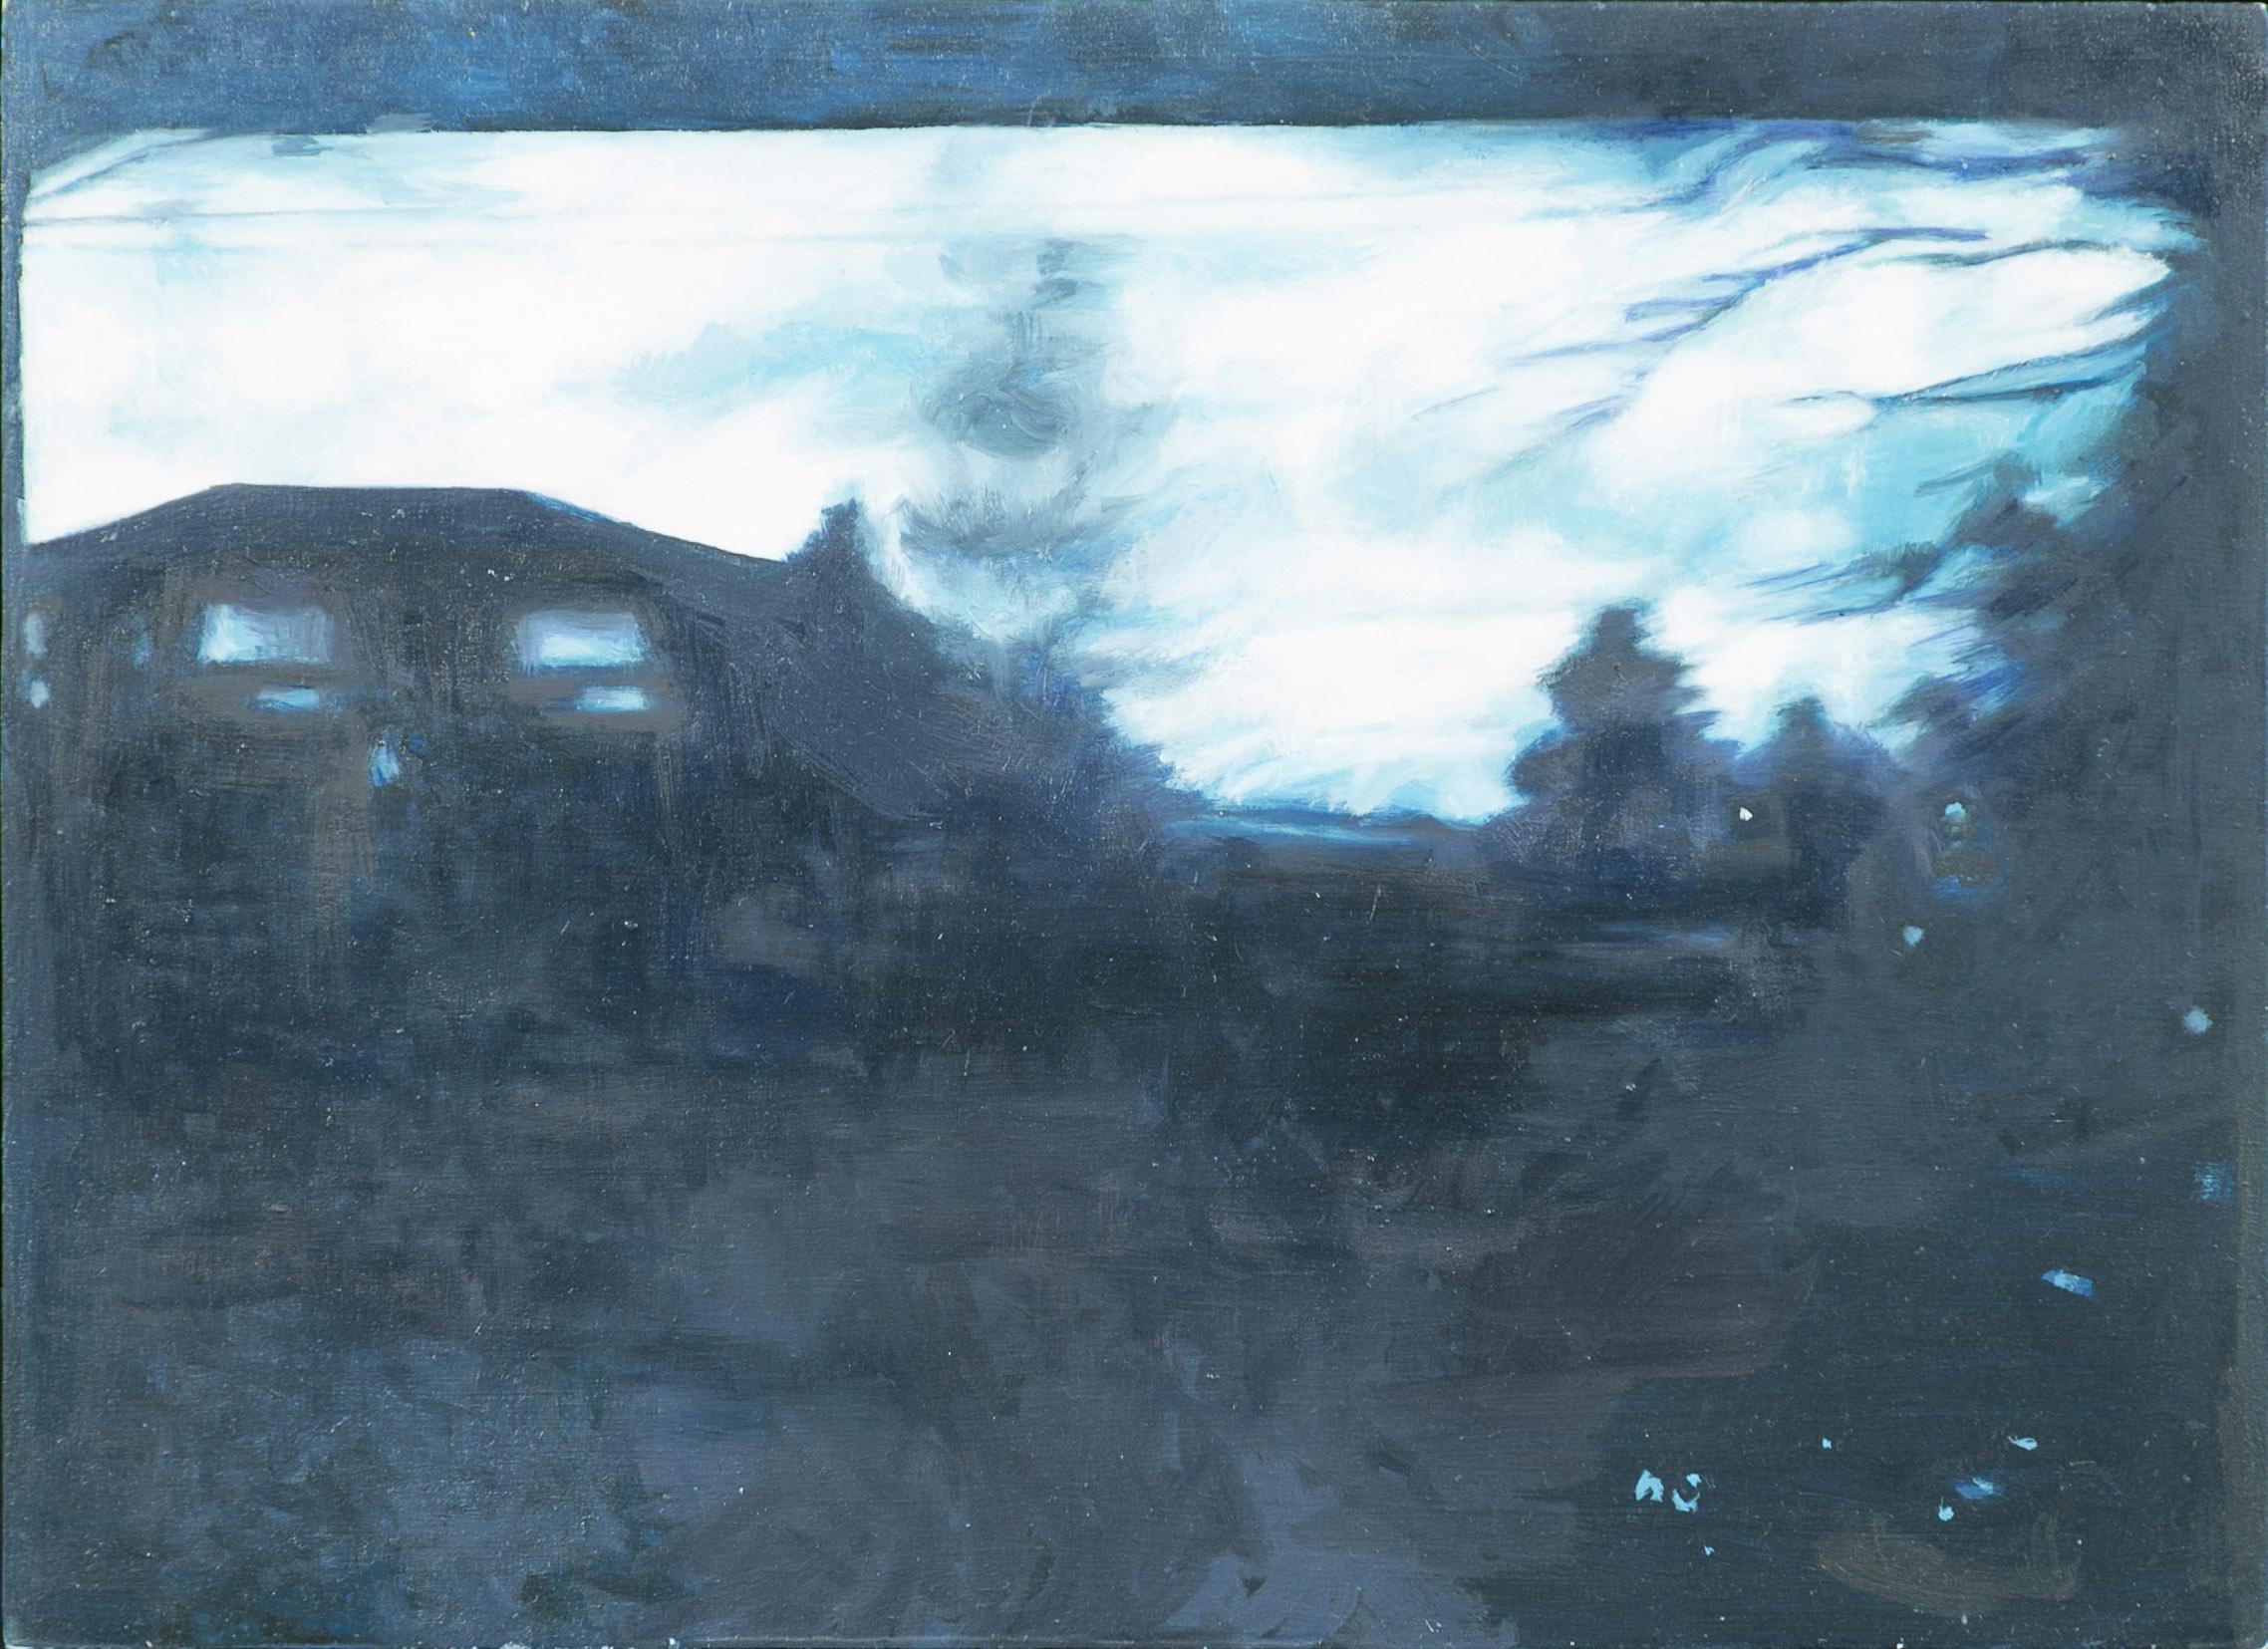 Bleak House, 2015, oil on wood, 9 x 11 in.